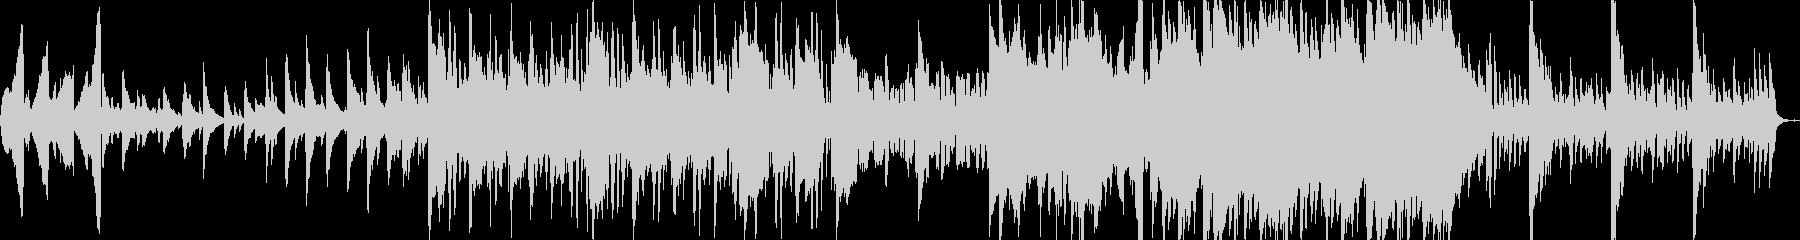 ピアノメインのエレクトロニカです。の未再生の波形